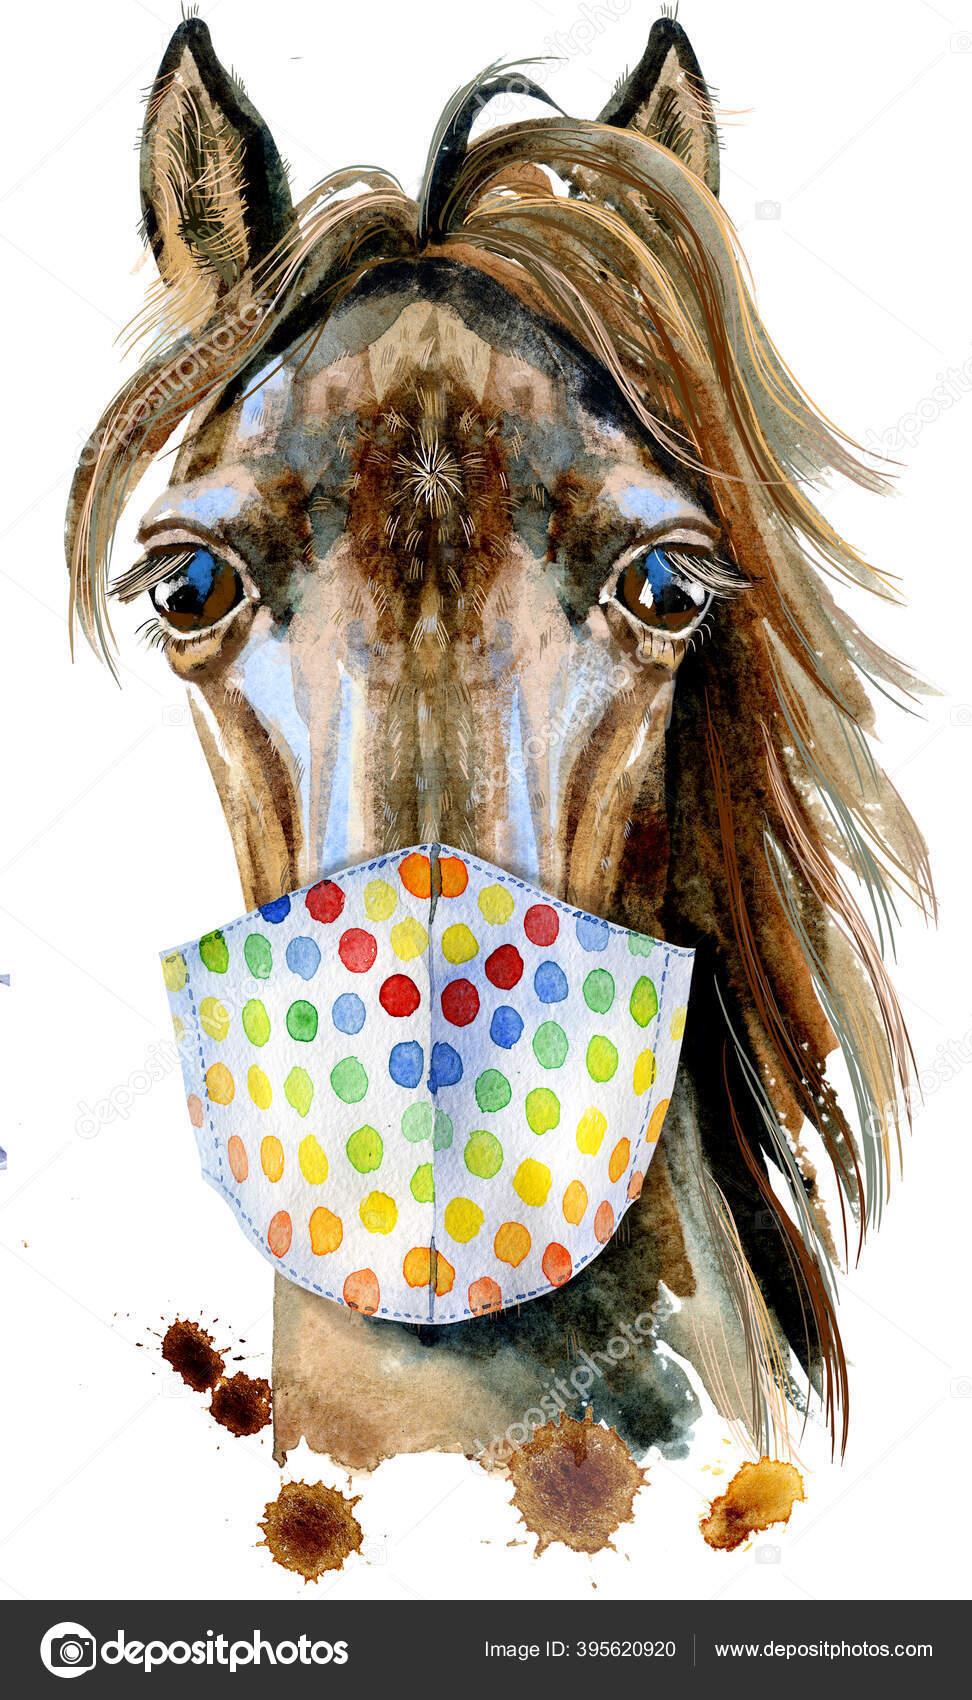 Horse Head Horoscope Character Protective Mask Isolated White Background Goat Stock Photo C Kseniaksenia2 395620920